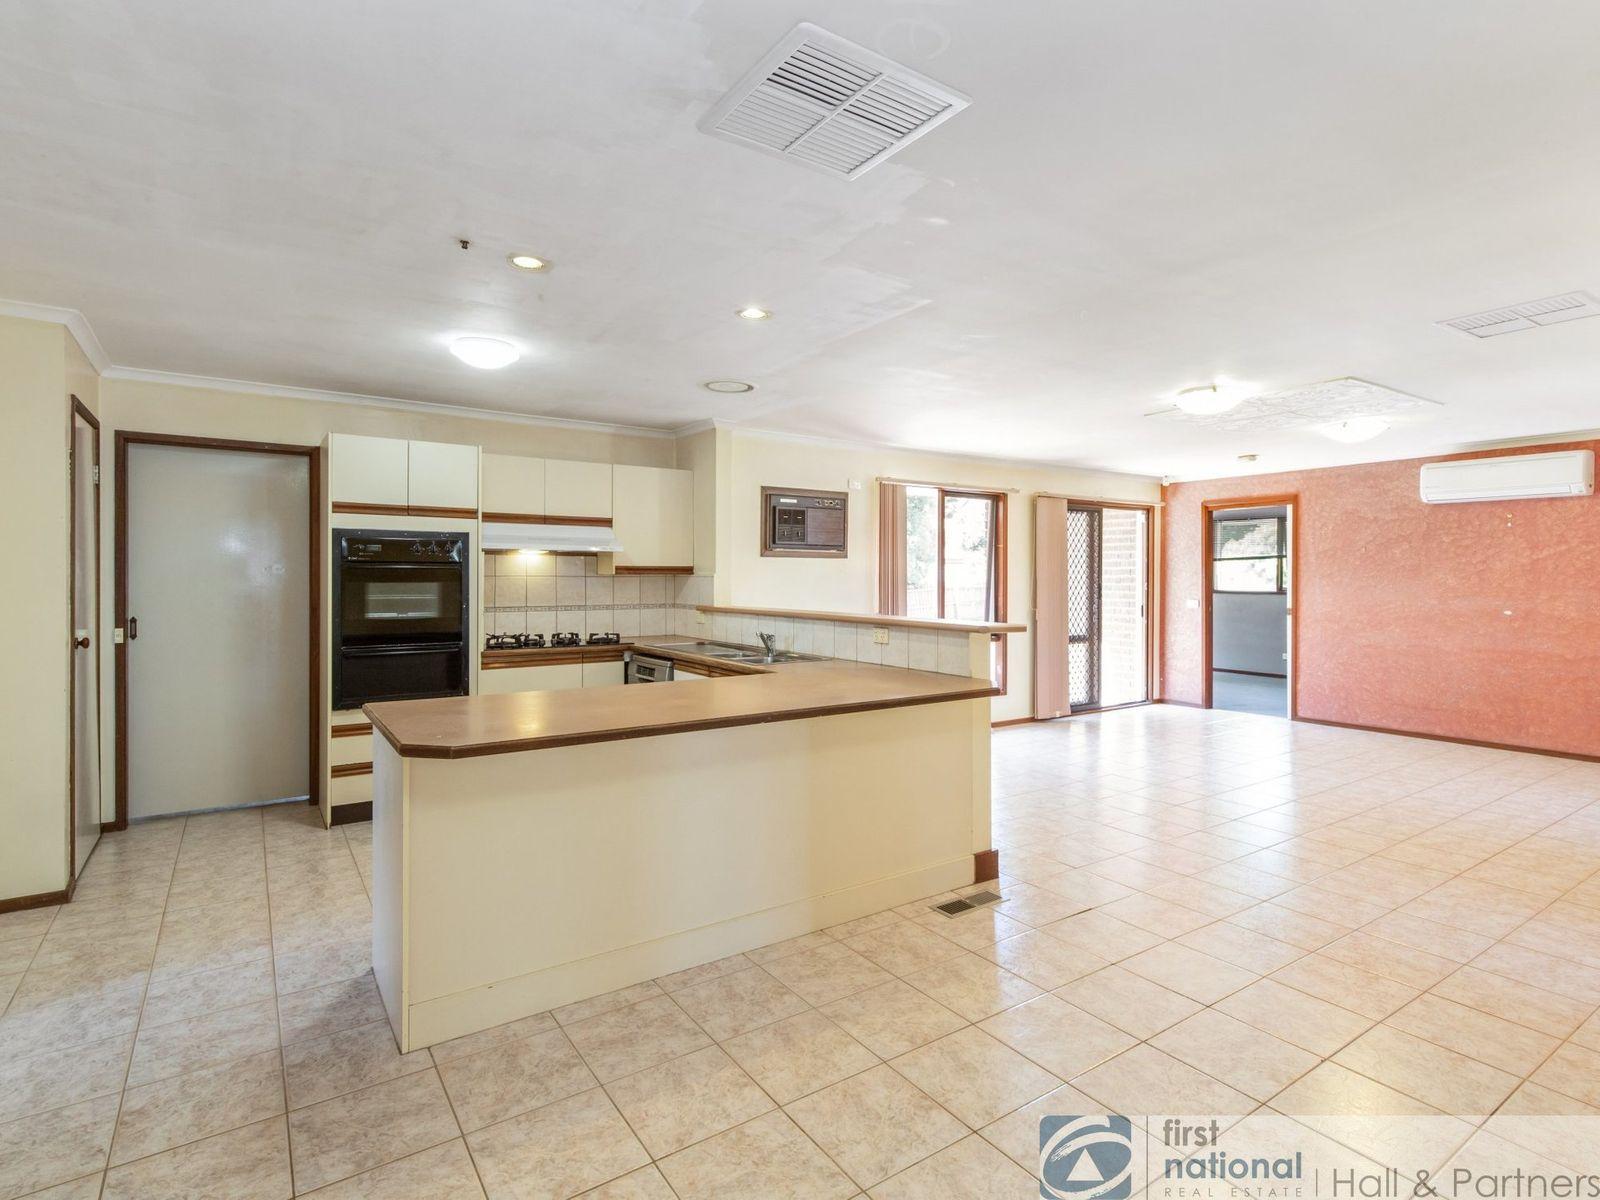 4 Nevis Court, Endeavour Hills, VIC 3802